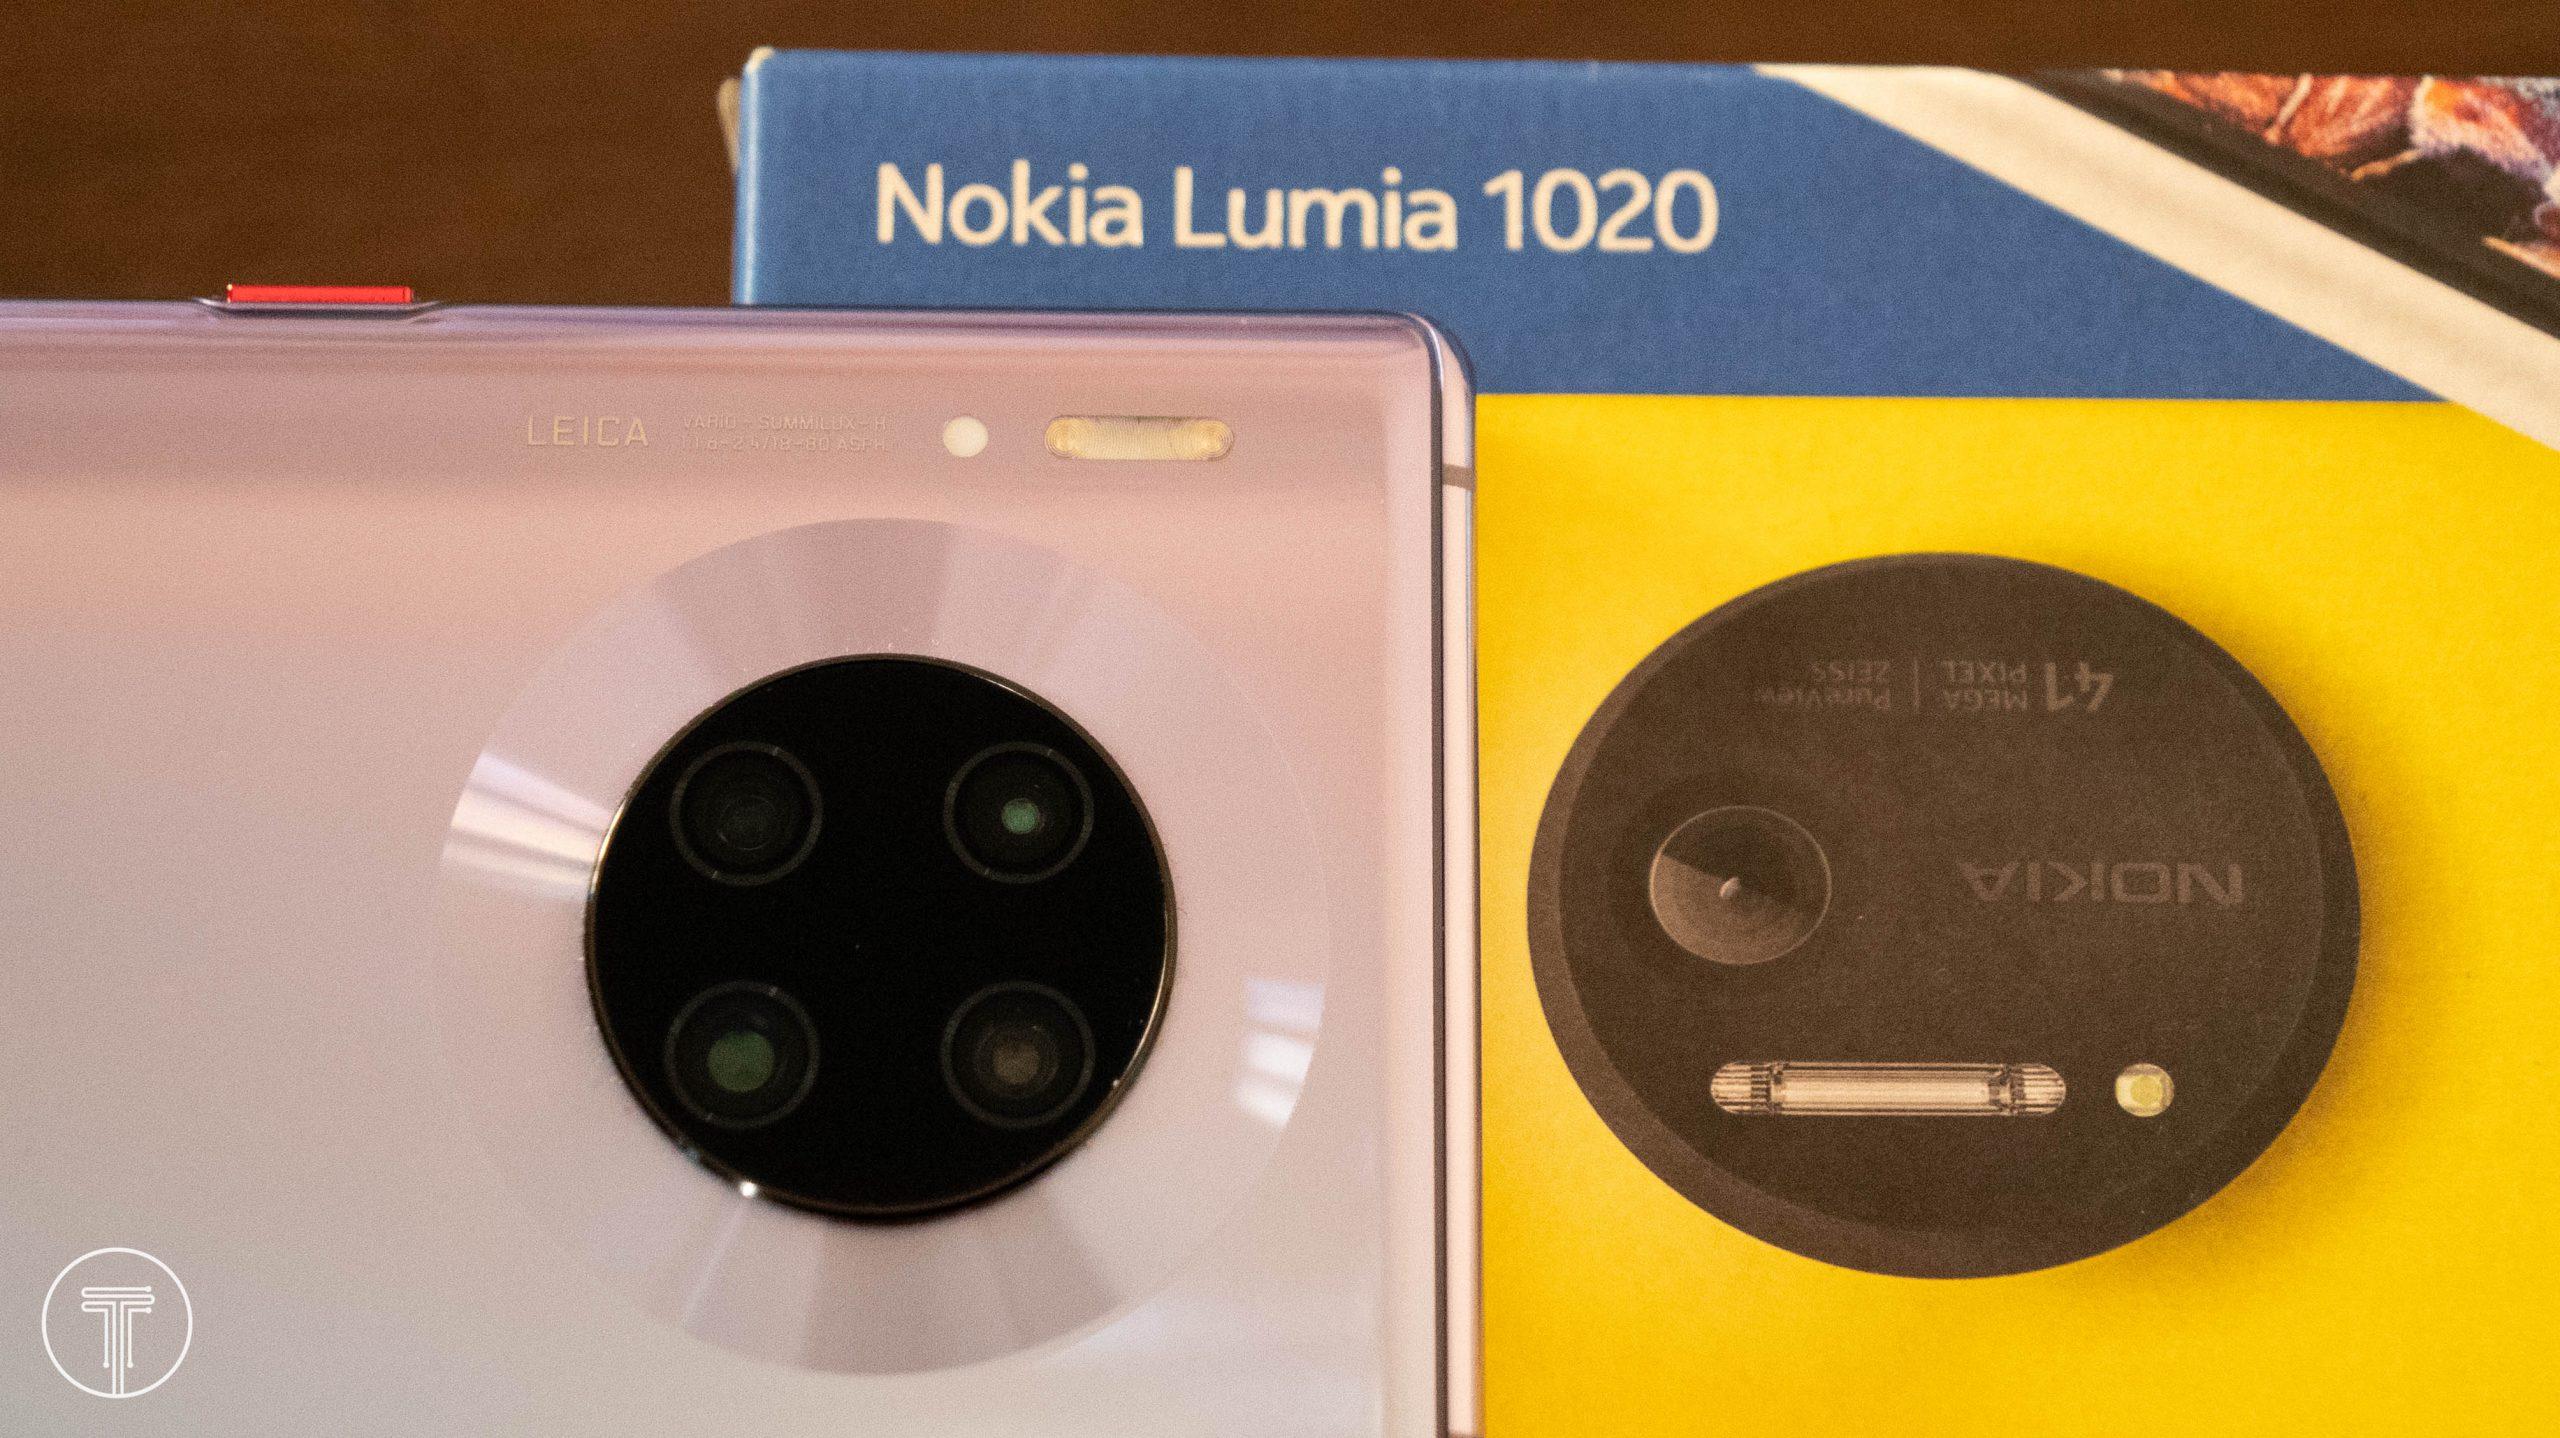 Huawei-Mate-30-Pro-Lumia-1020